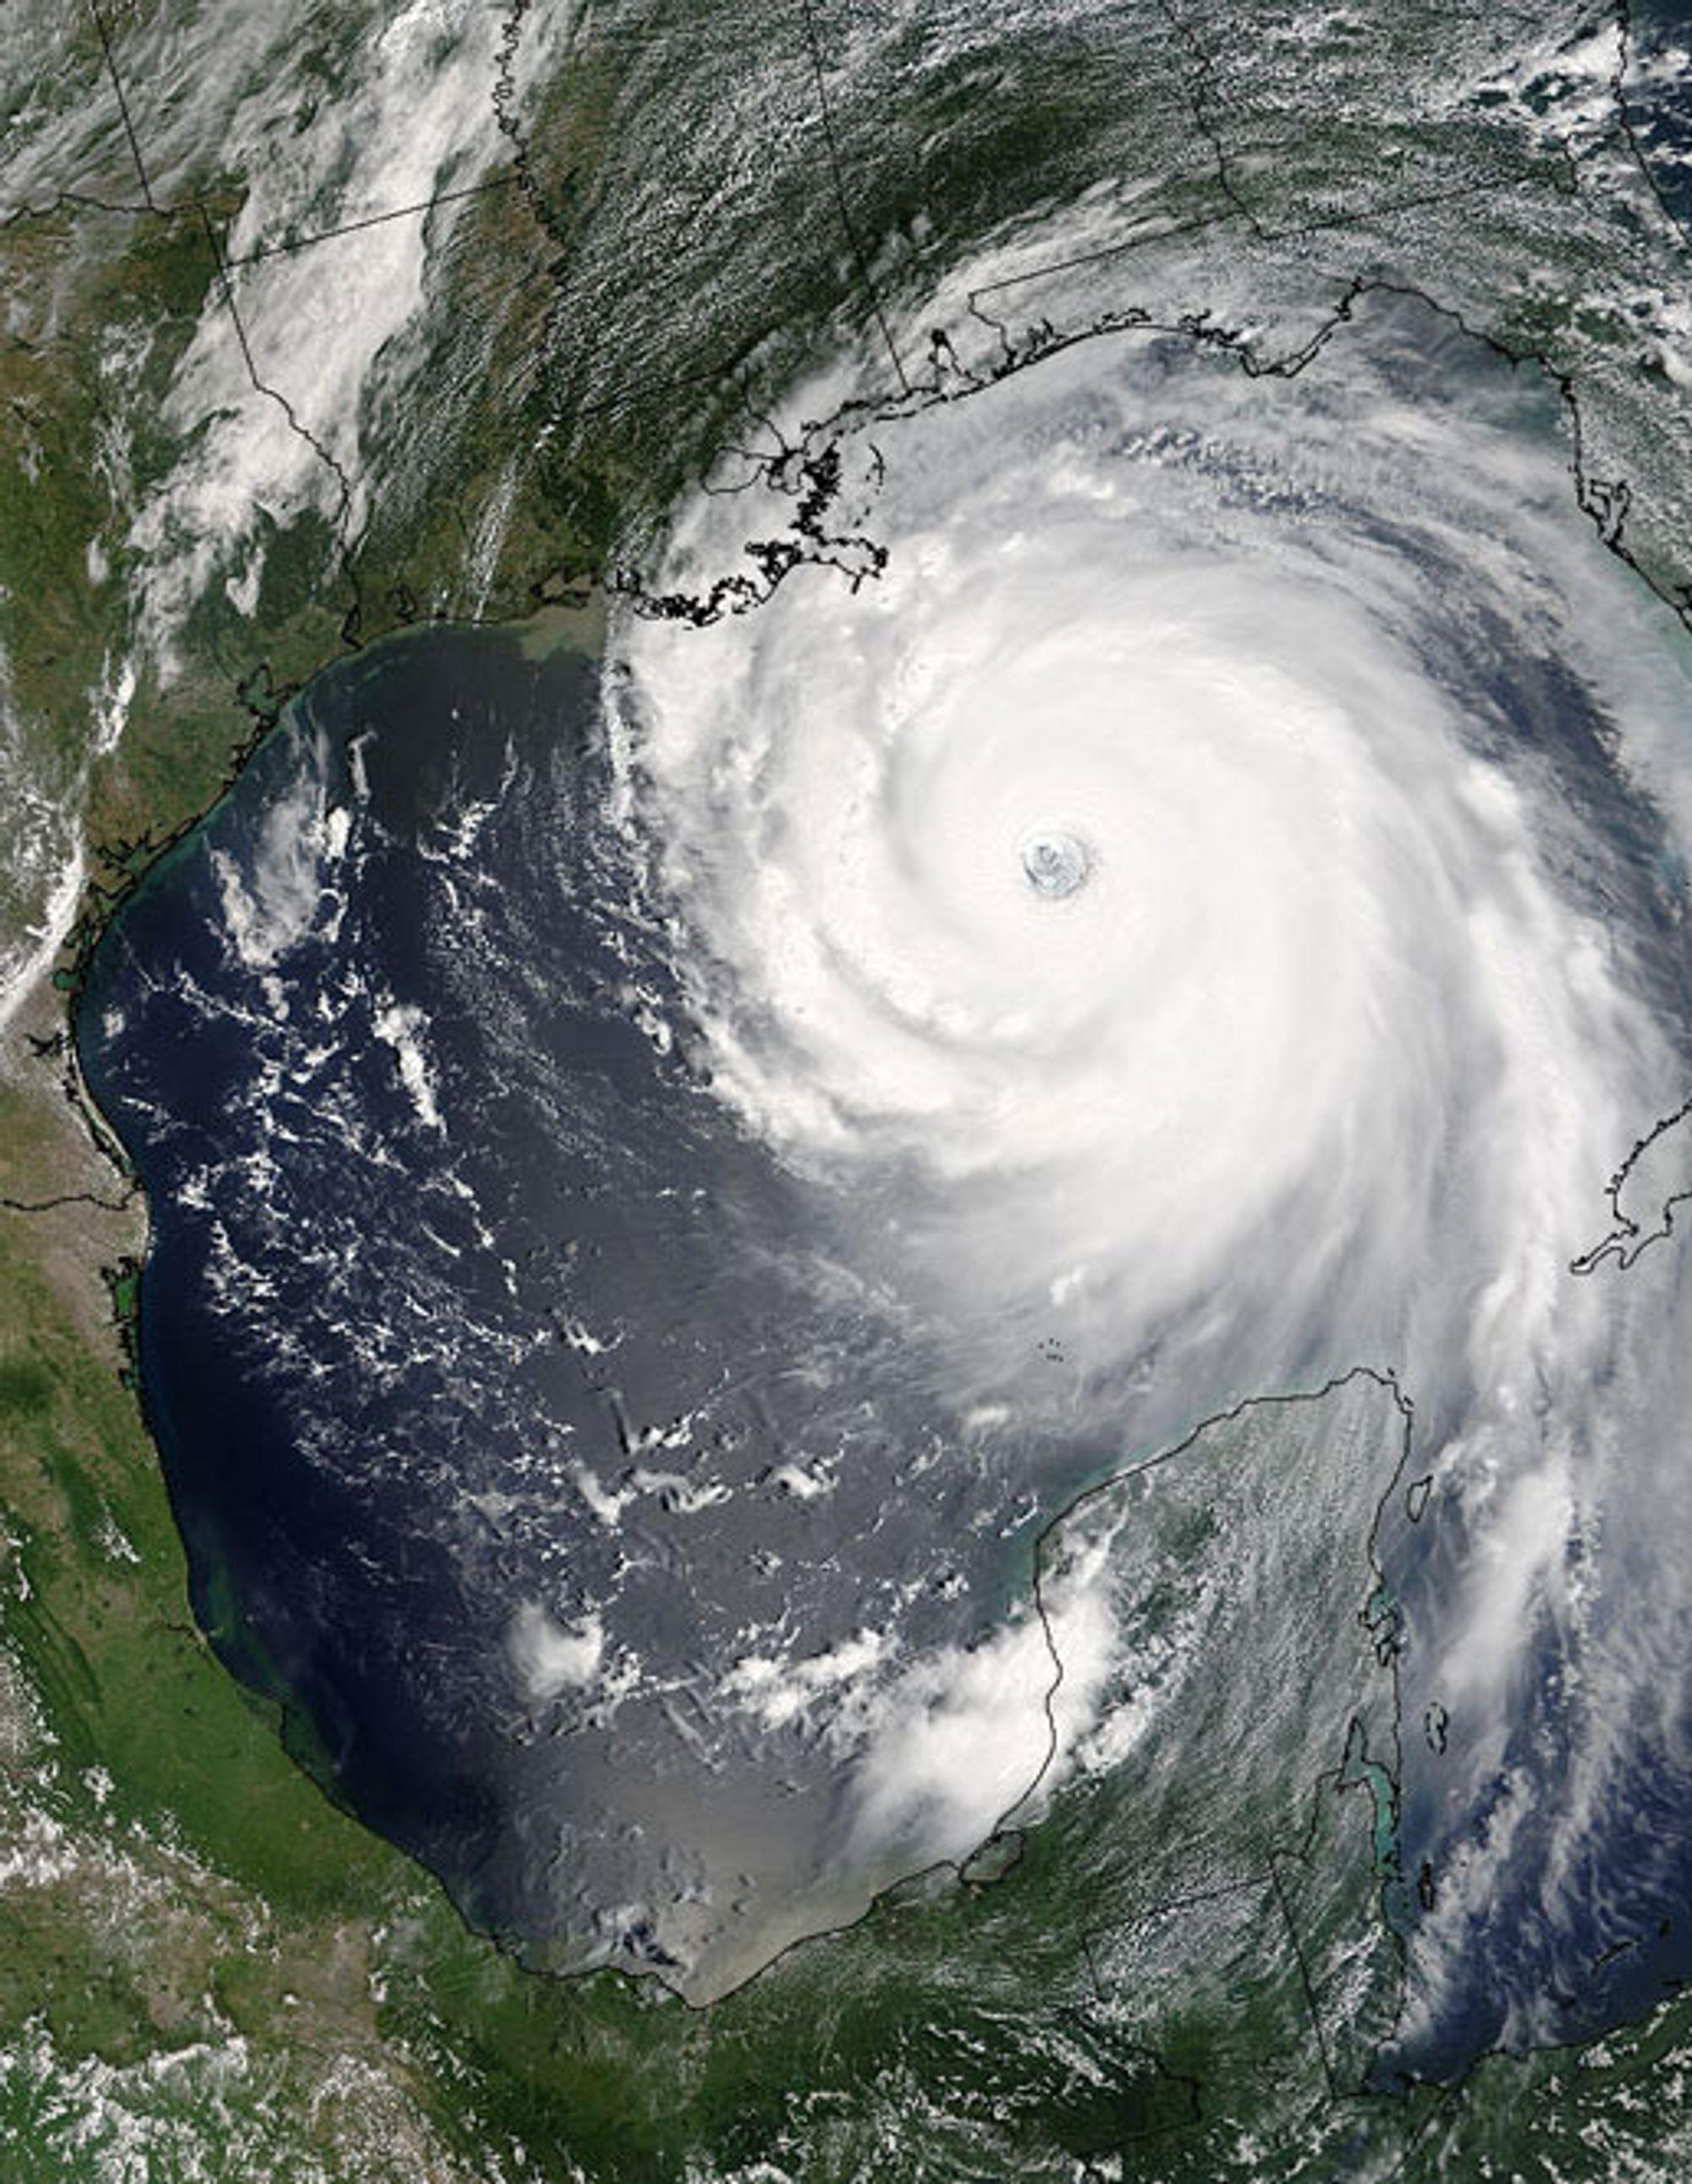 Orkanen Katrina på vei inn mot kysten av Louisiana og byen New Orleans. Orkanen ble her kategrosiert som Orkan styrke 4. Bildet er tatt søndag, og mandag traff Katrina byen.